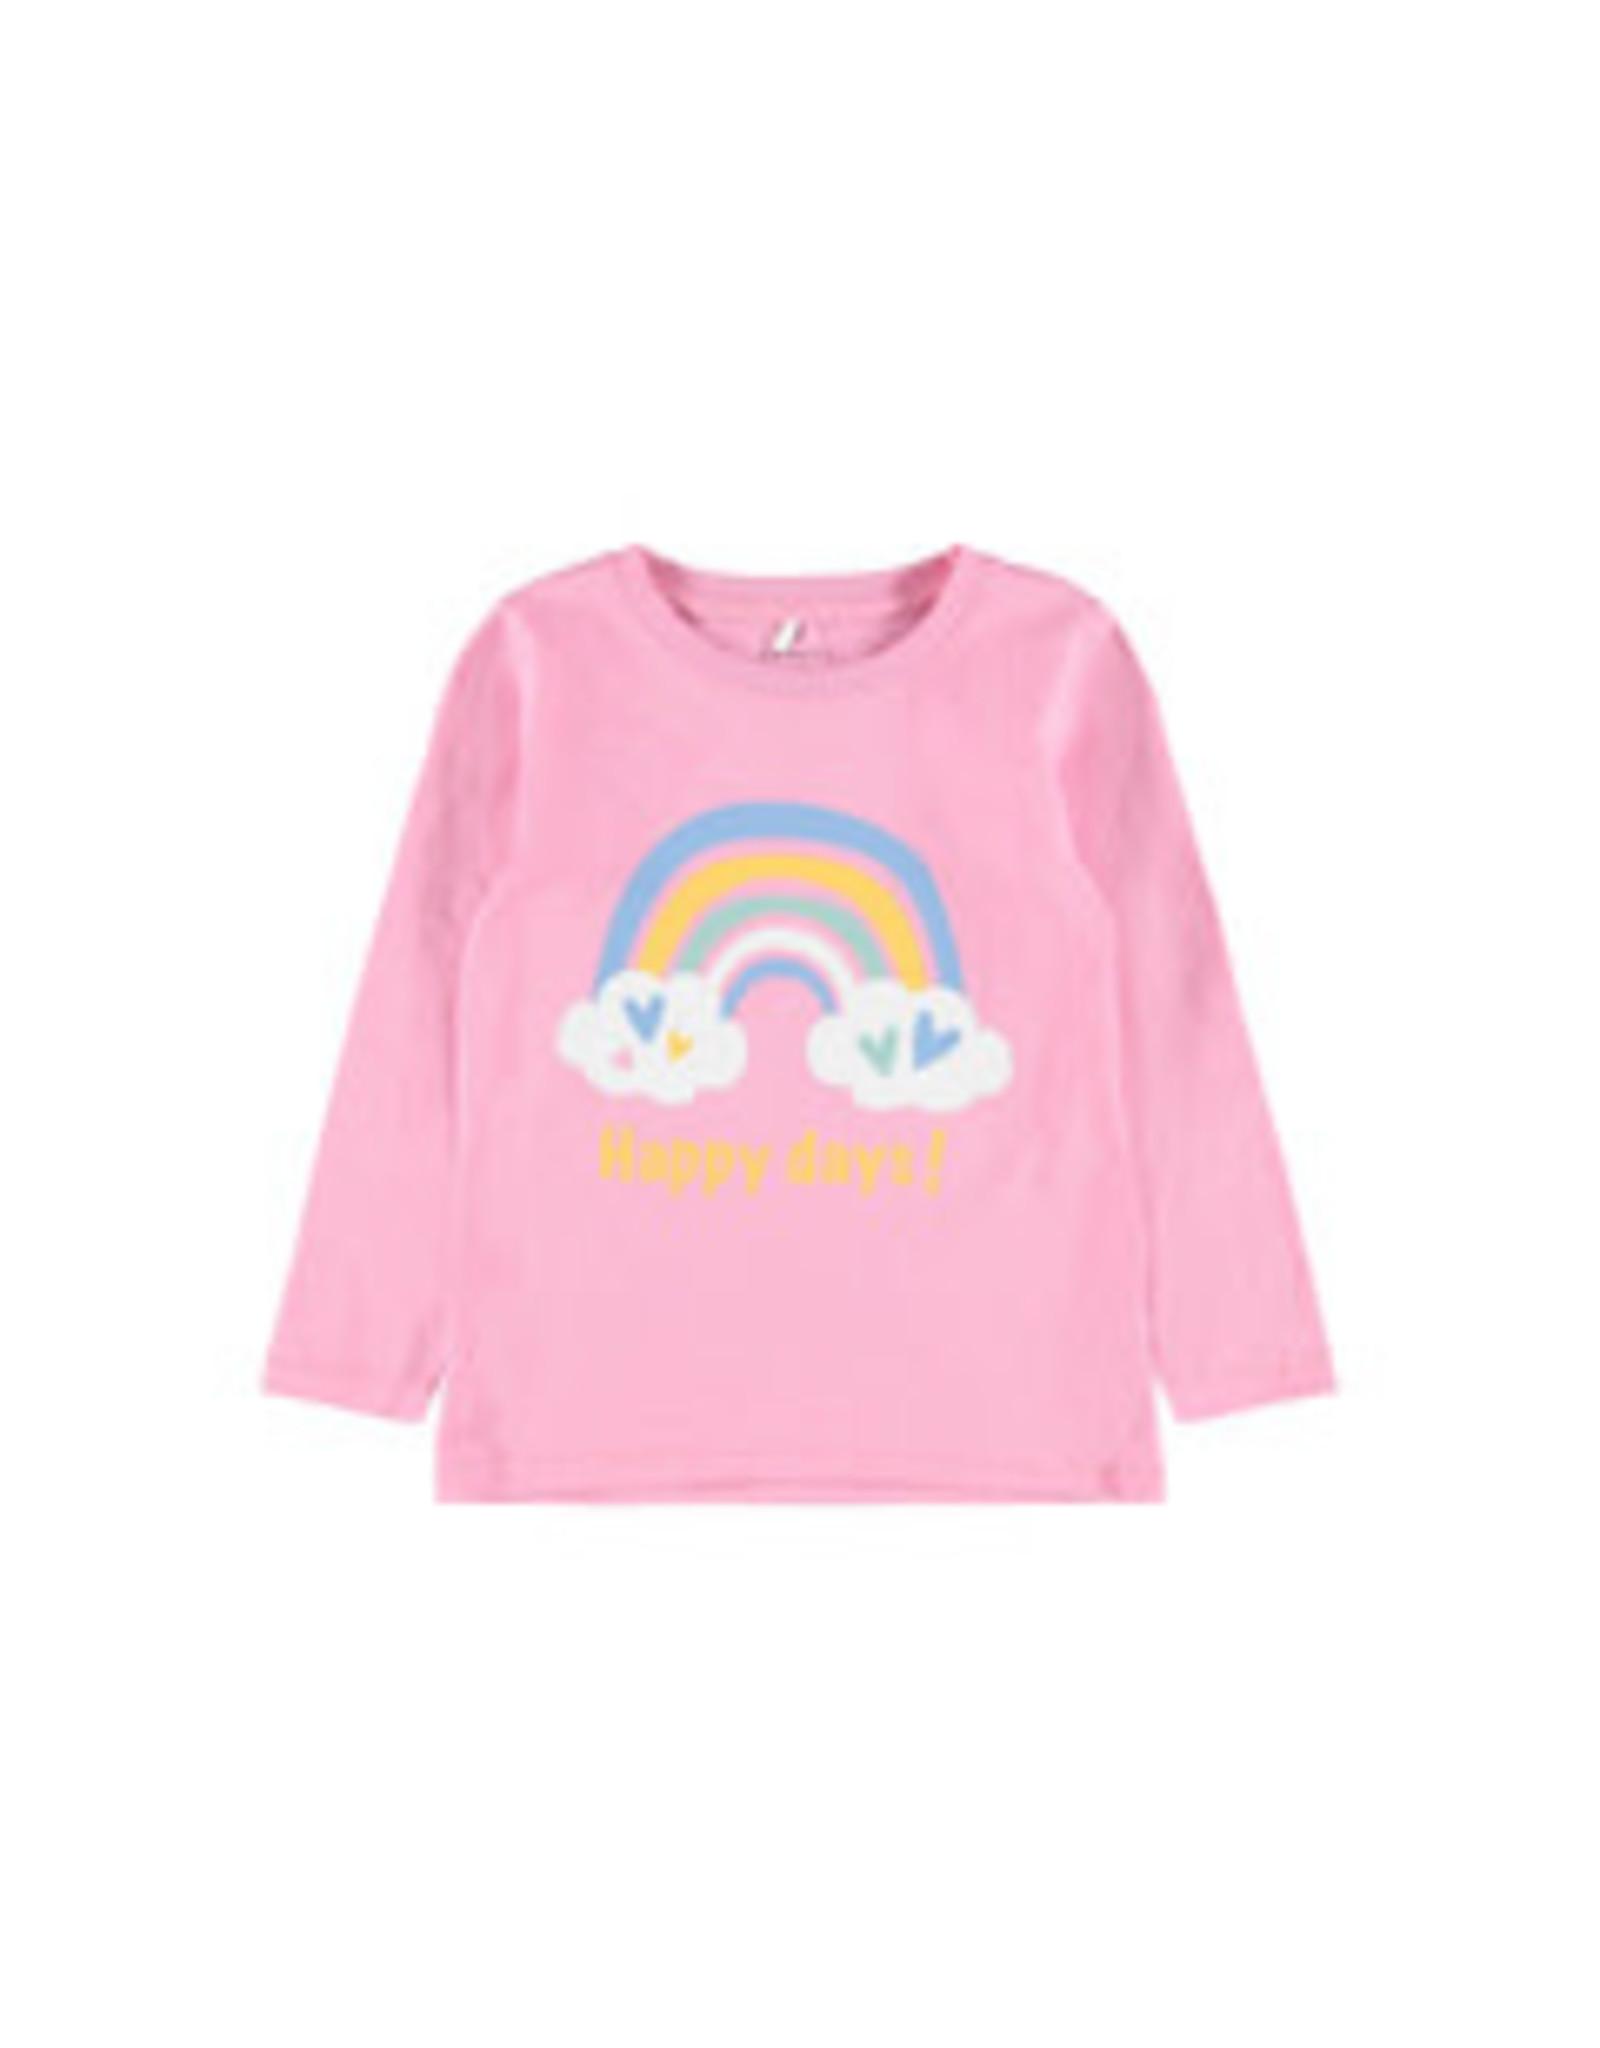 Name It Roze t-shirt met regenboog